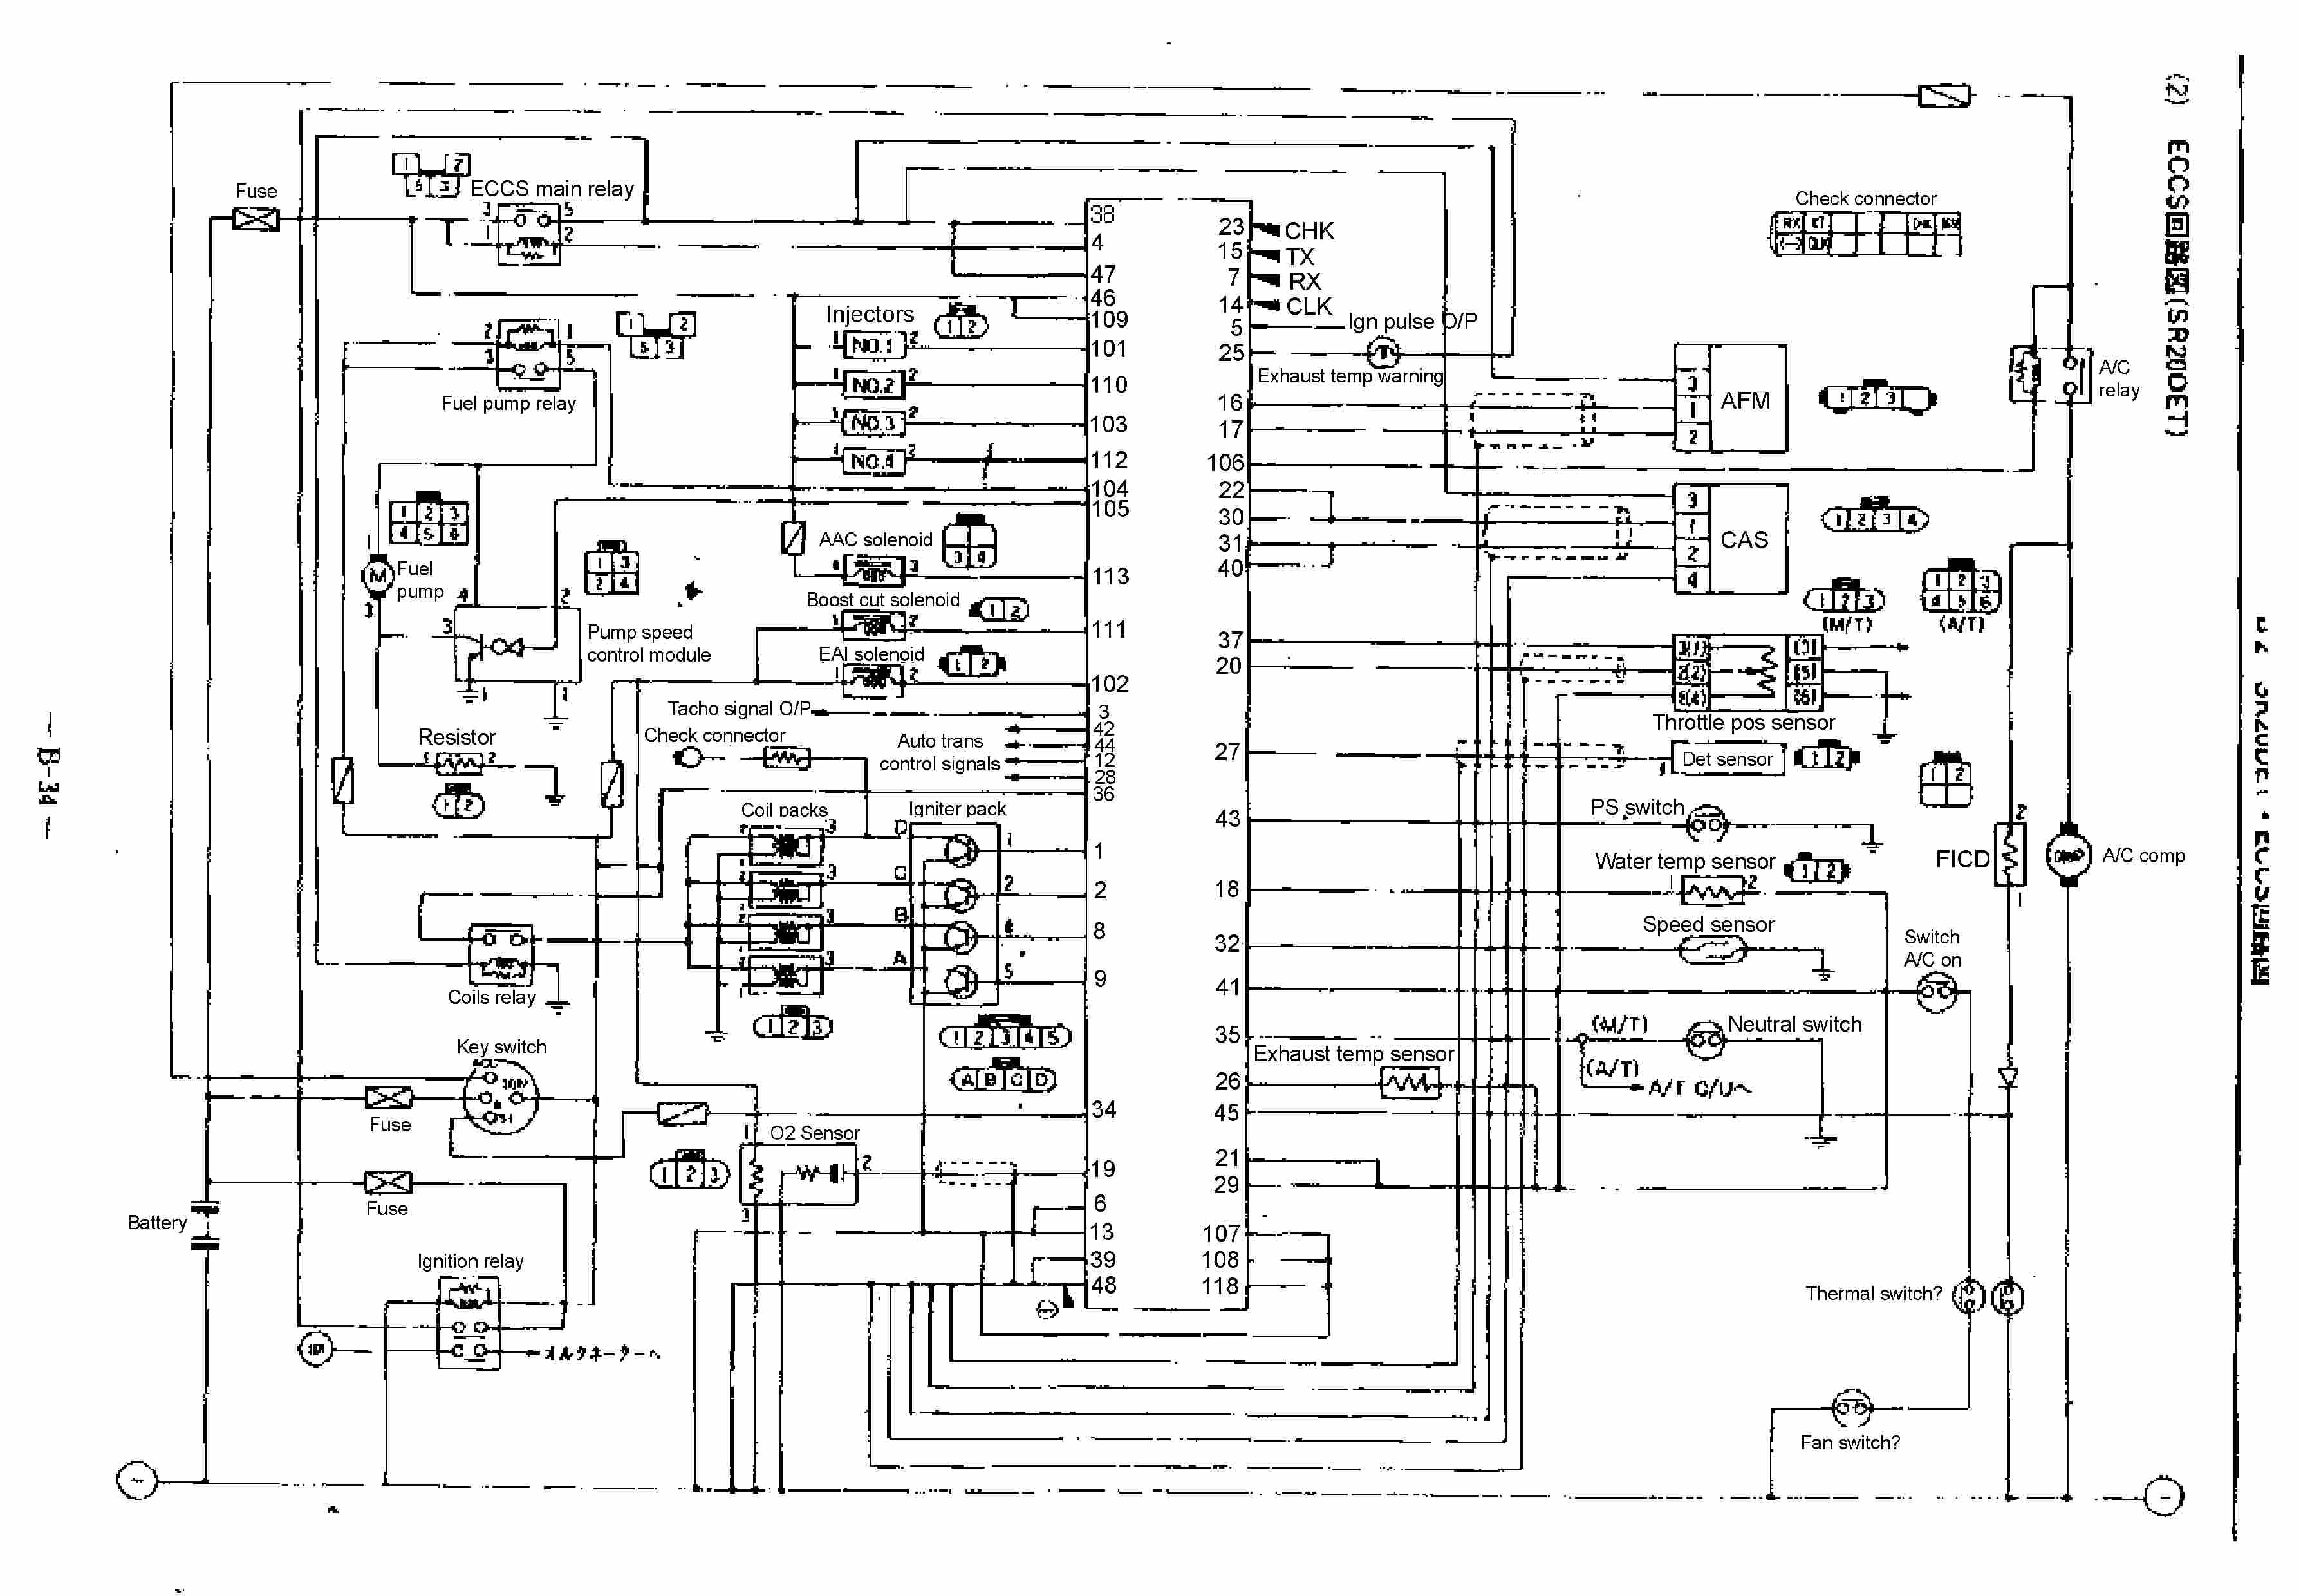 S14 Wiring Diagram | Wiring Diagram on s40 wiring diagram, m11 wiring diagram, ae86 wiring diagram, h4 wiring diagram, l3 wiring diagram, 300zx wiring diagram, t35 wiring diagram, m19 wiring diagram, m12 wiring diagram, 2000 bluebird bus wiring diagram, t1 wiring diagram, l6 wiring diagram, s10 wiring diagram, wiring harness diagram, n14 wiring diagram, z32 wiring diagram, c4 wiring diagram, t12 wiring diagram, h3 wiring diagram, 350z wiring diagram,